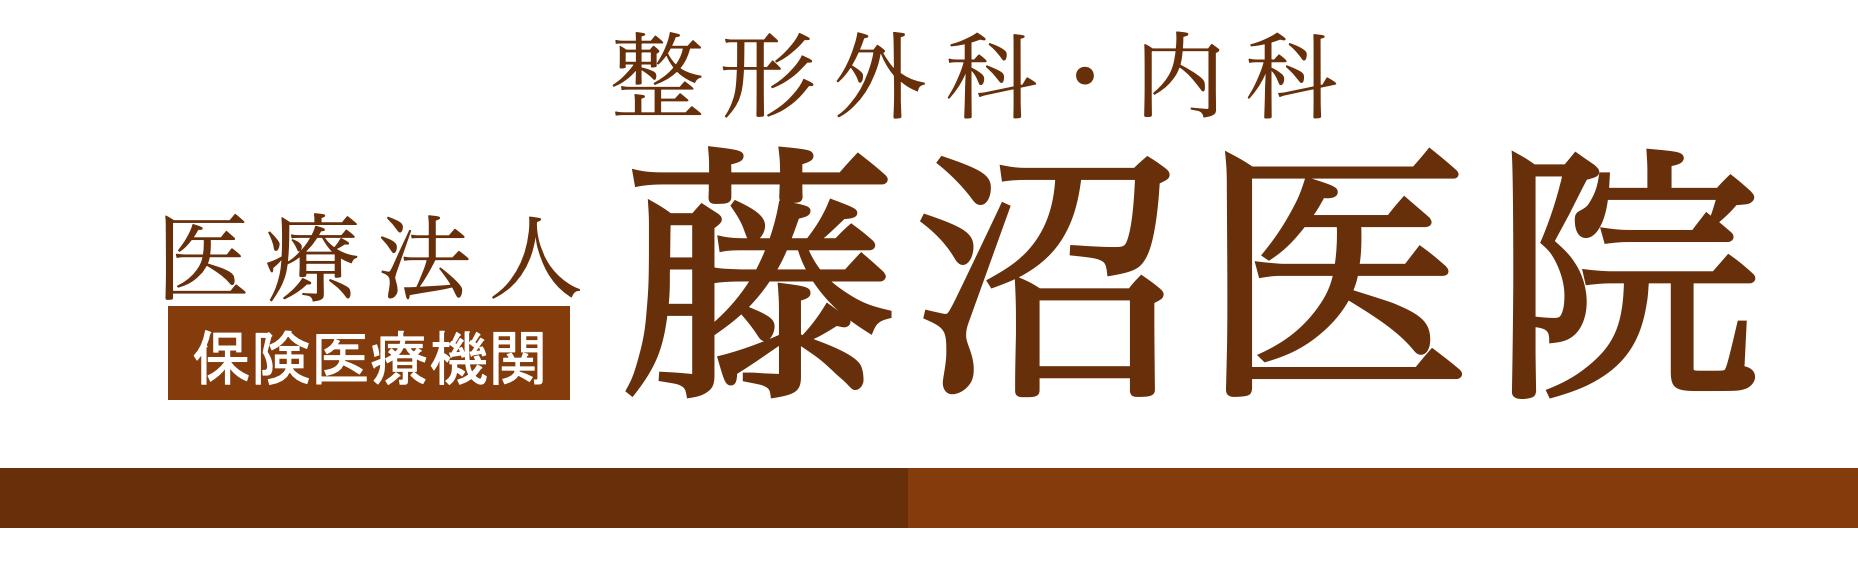 栃木 ウイルス 県 コロナ 新型 栃木県/新型コロナウイルス感染症(変異株)の検査状況及び発生状況について